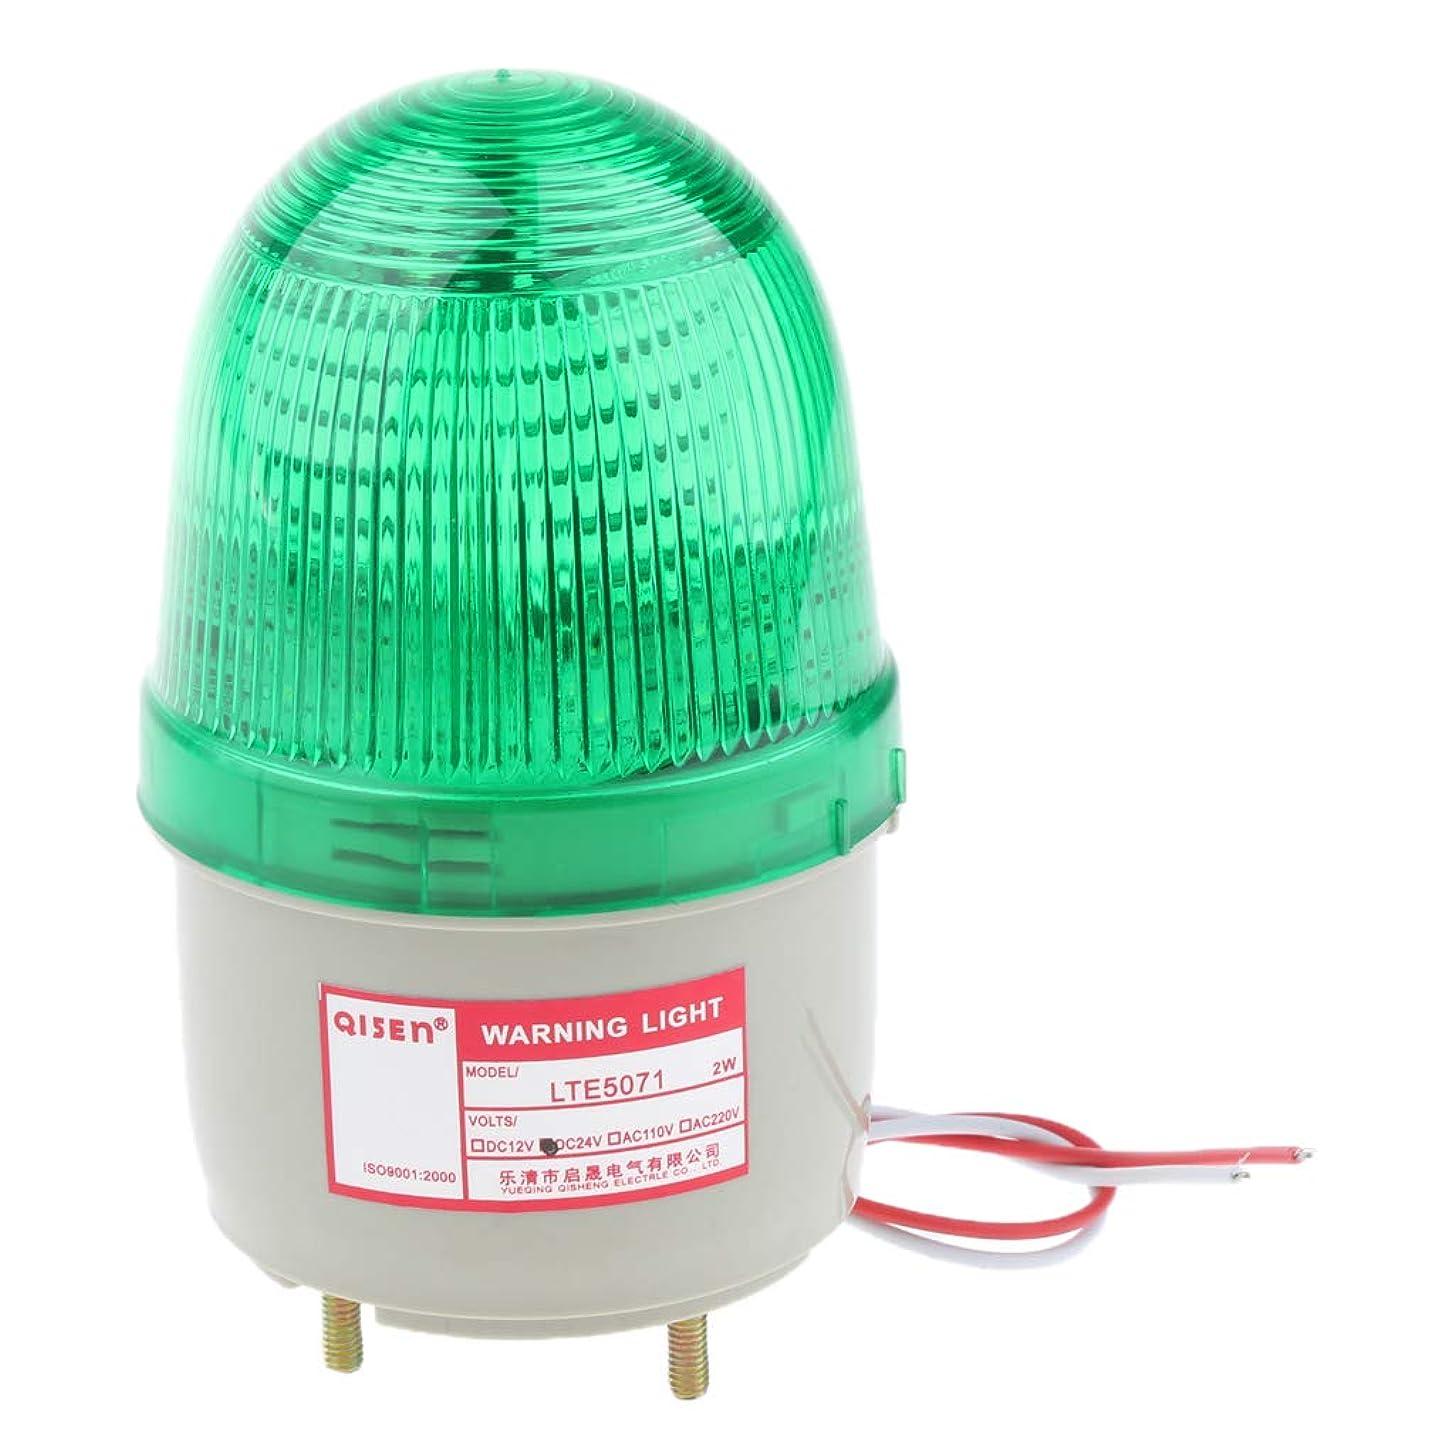 ドリルコンサート全くP Prettyia DC24V LED点滅ライト 警告灯 ストロボ/常時点灯 フラッシュライト 信号ライト 非常灯 - 黄